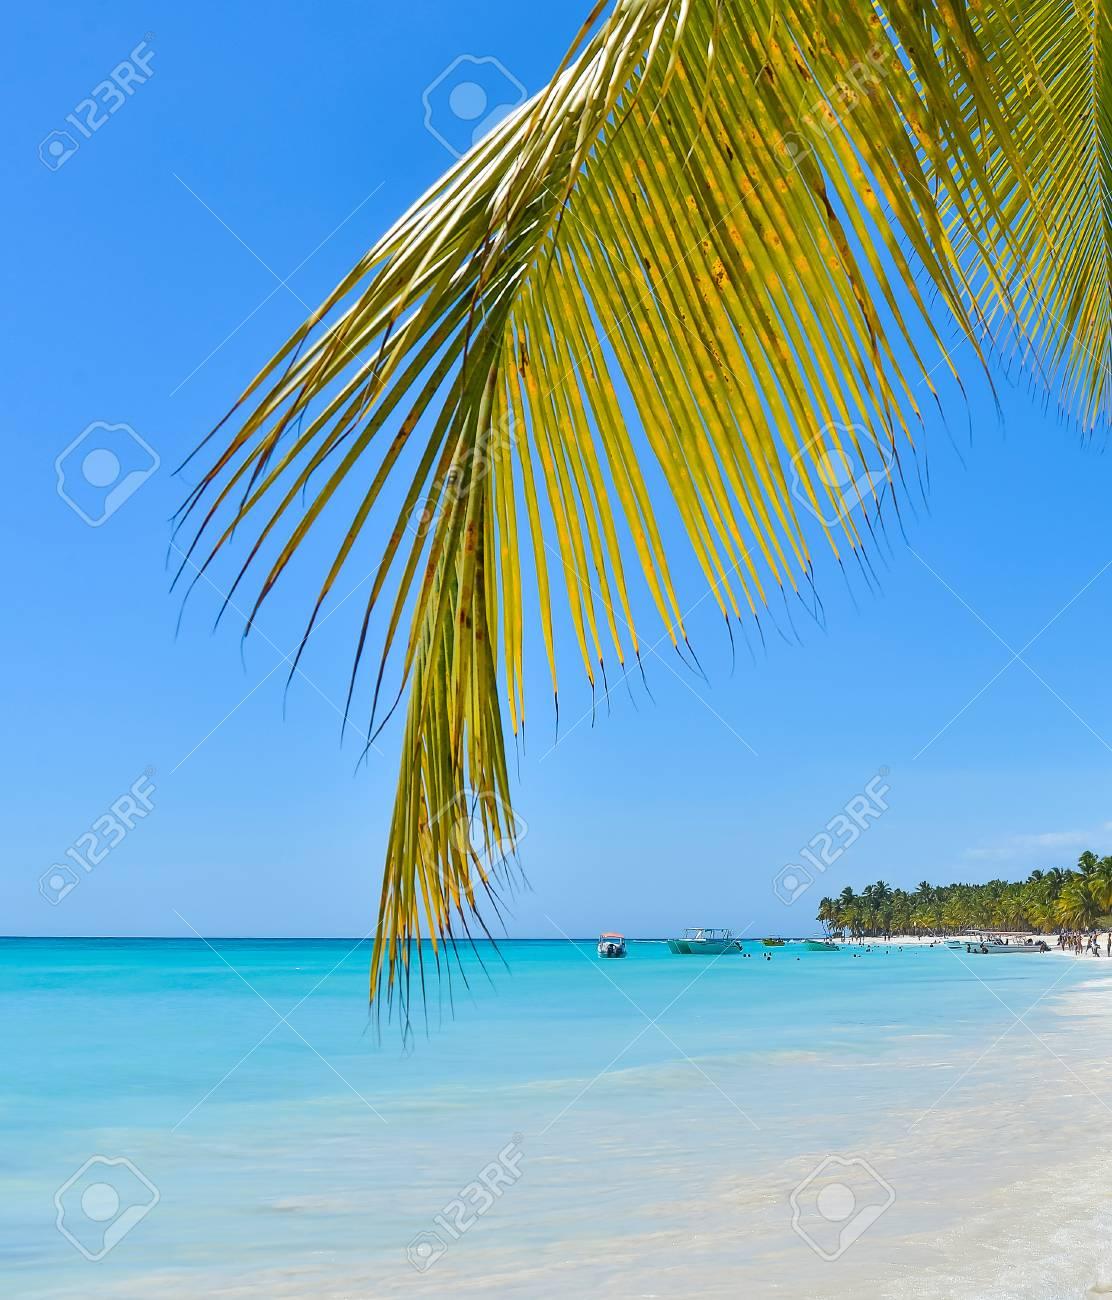 Karibik Sand Strand Mit Palmen Blatter Lizenzfreie Fotos Bilder Und